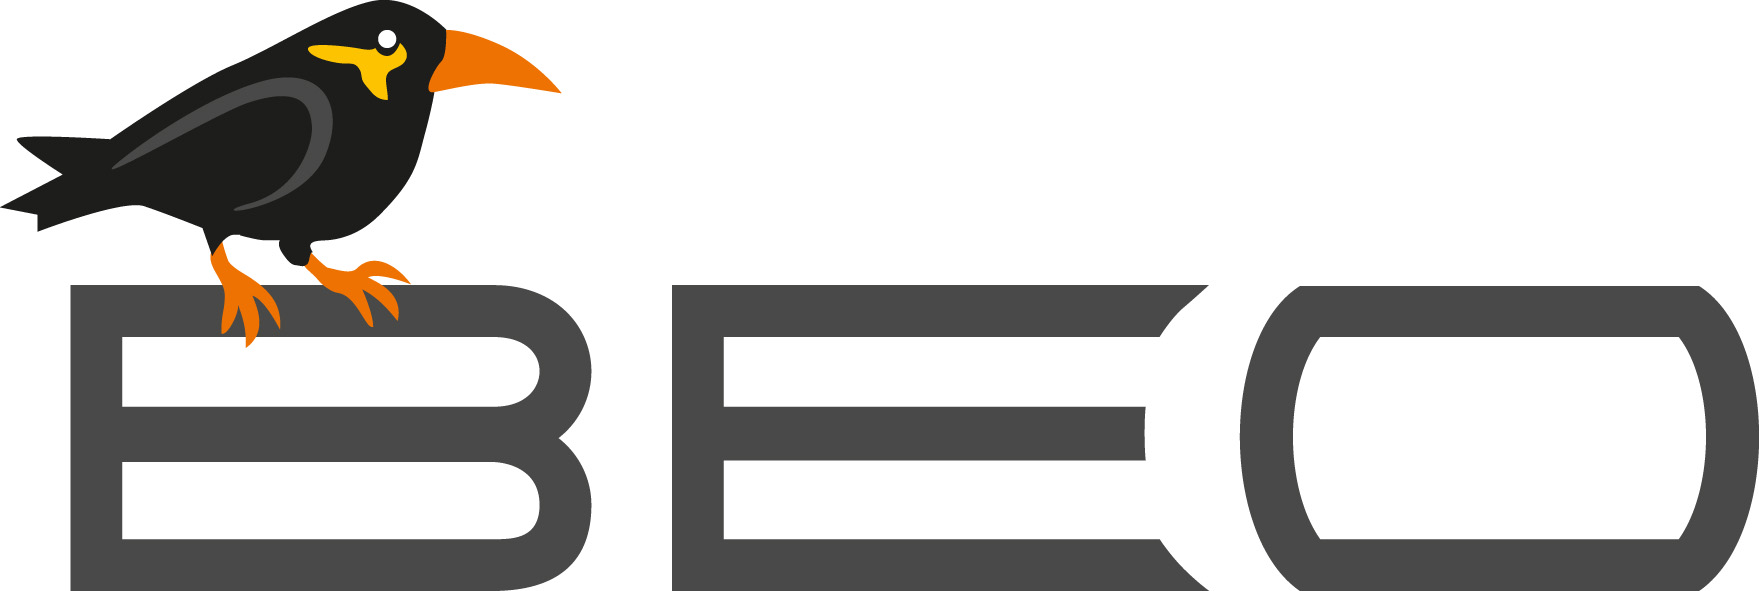 News - Central: Gute Reise für Badaccessoires mit BEO-PARCEL